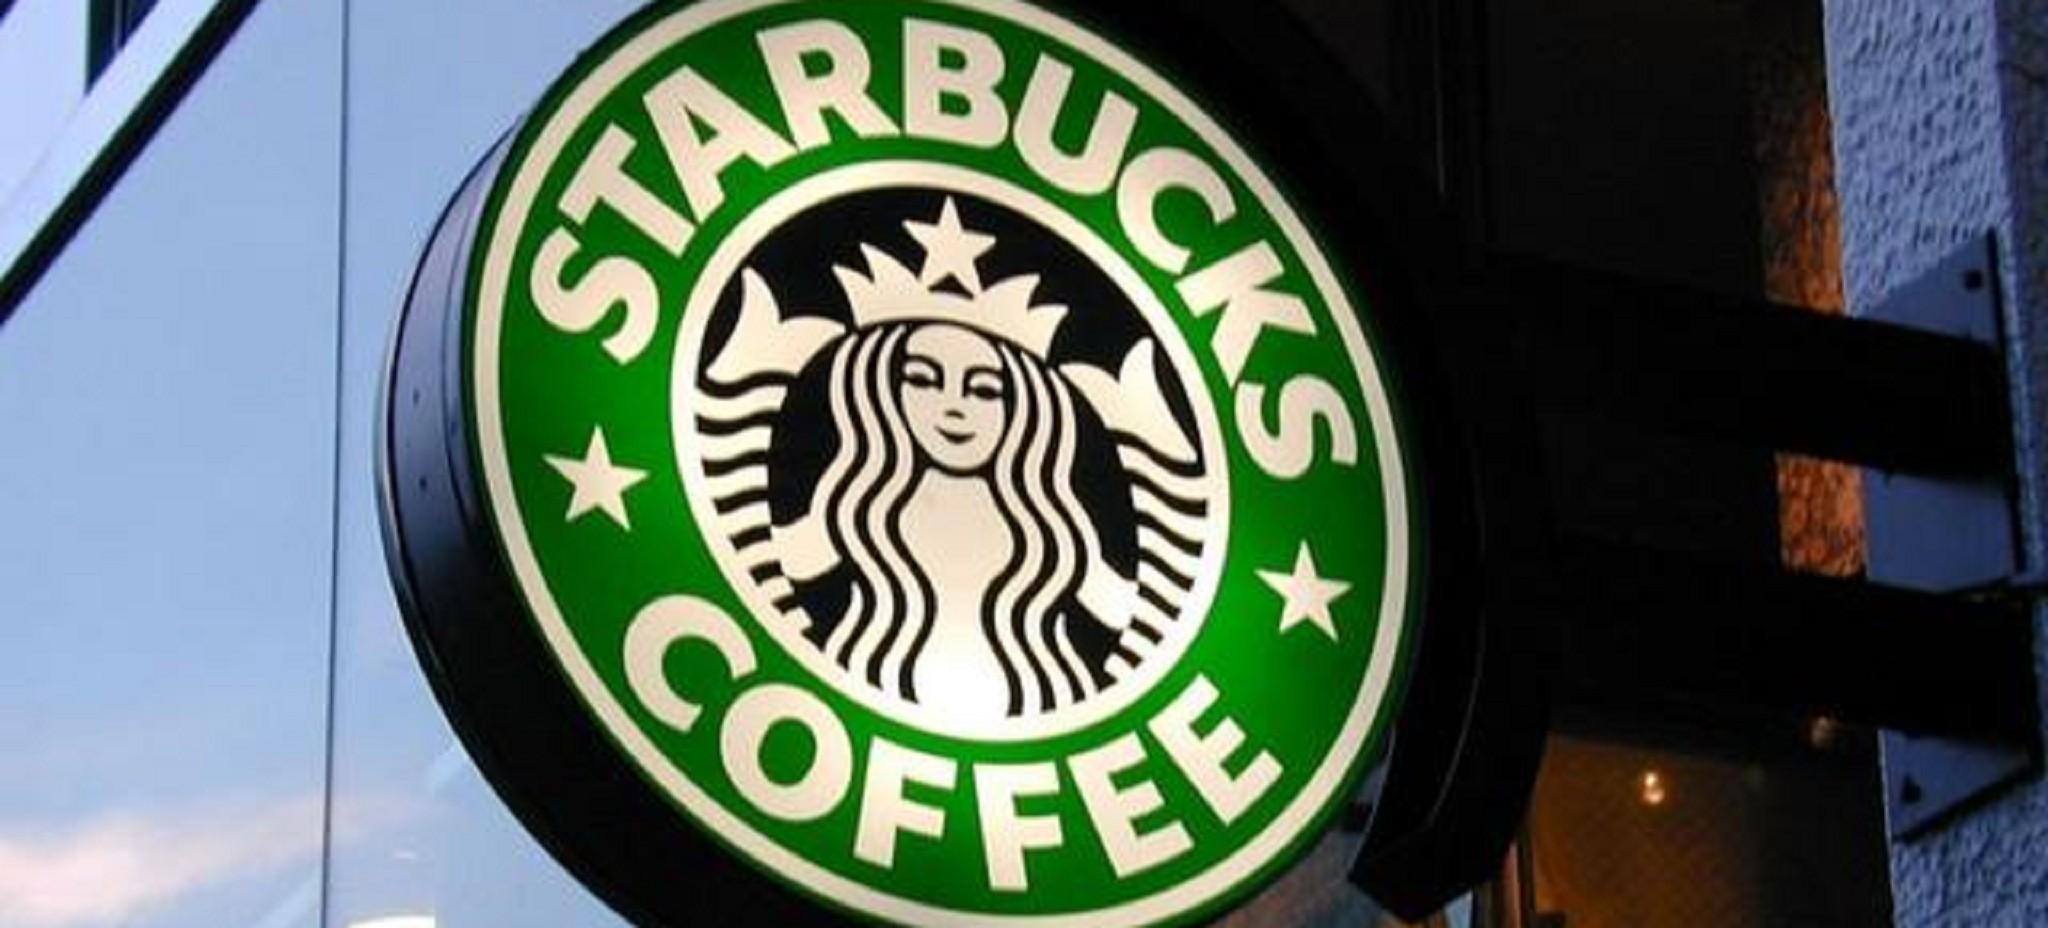 社群行銷摸不透?看 Starbucks這樣做